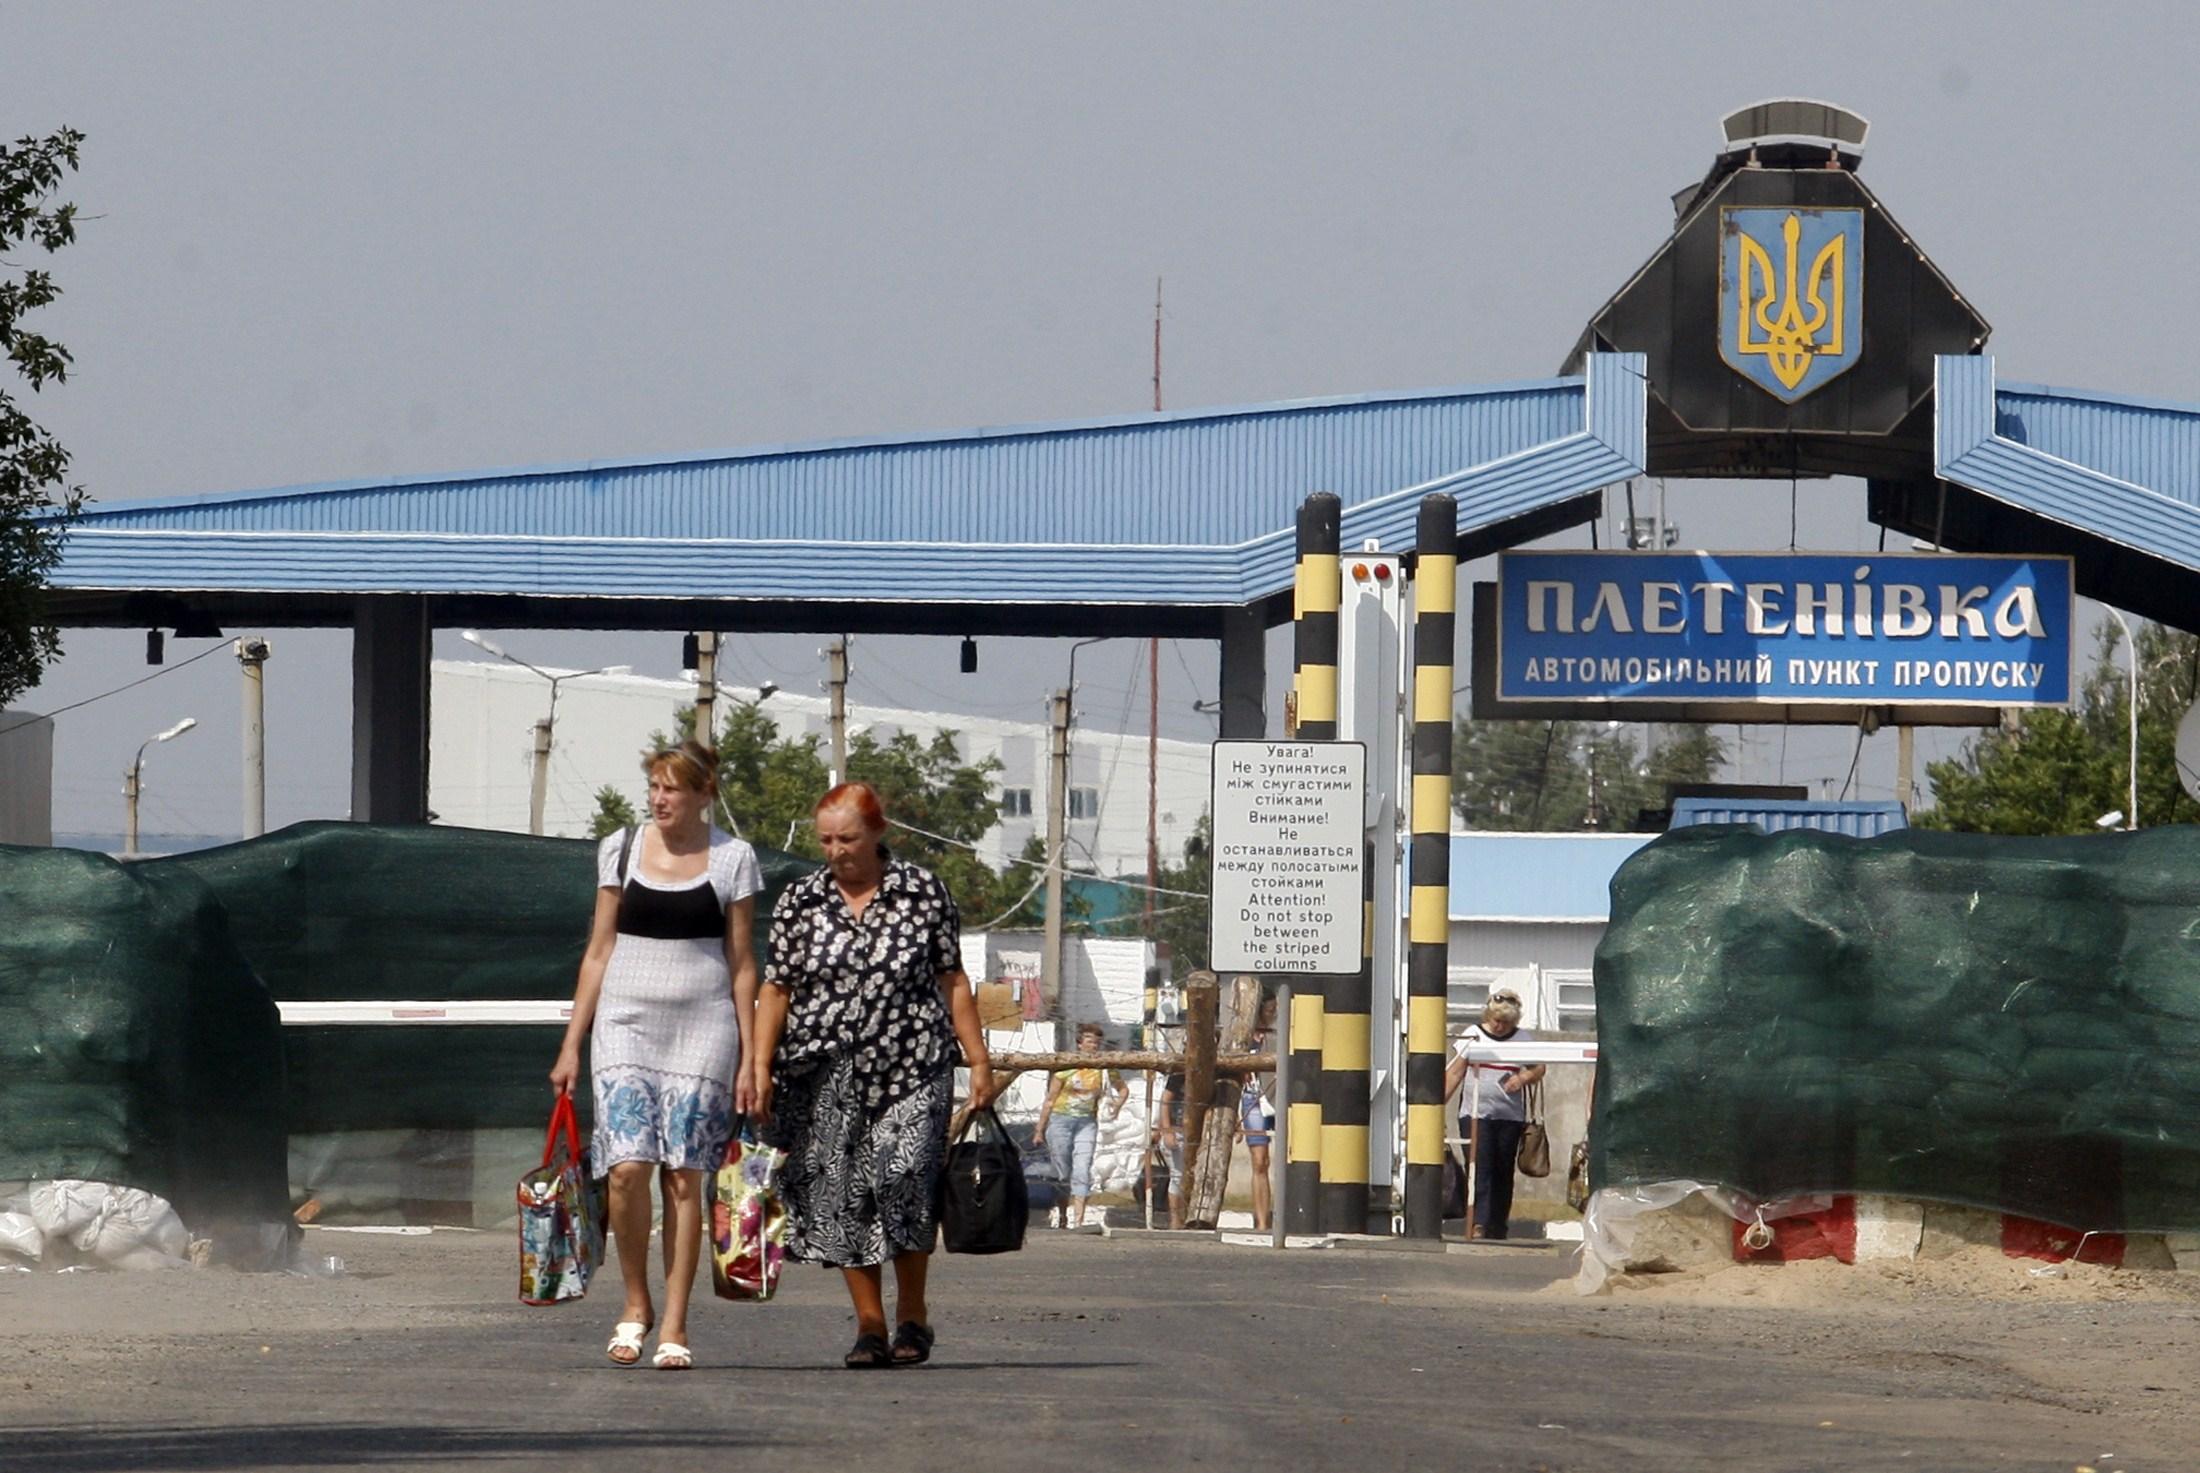 UKRAINE-RUSSIA-CRISIS-POLITICS-HUMANITARIAN CONVOY